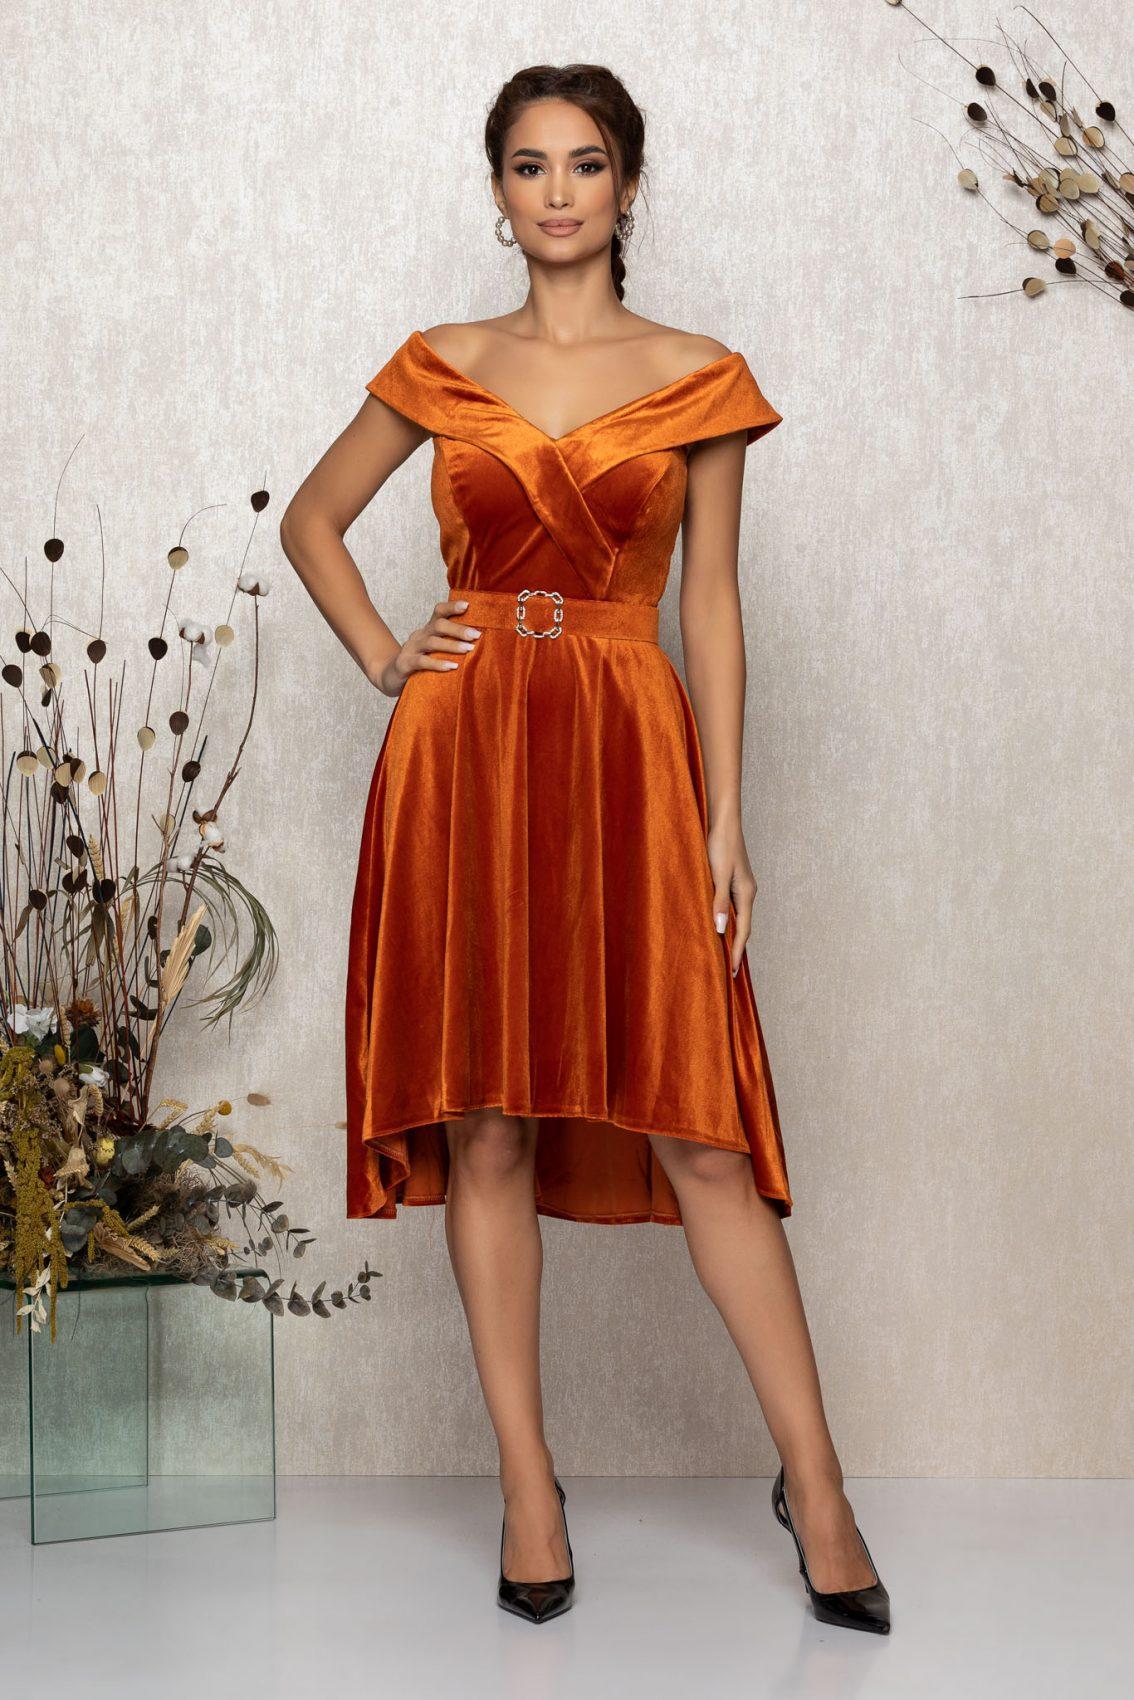 Κεραμιδί Αμάνικο Αμπιγιέ Φόρεμα Από Βελούδο Yovanna T373 1